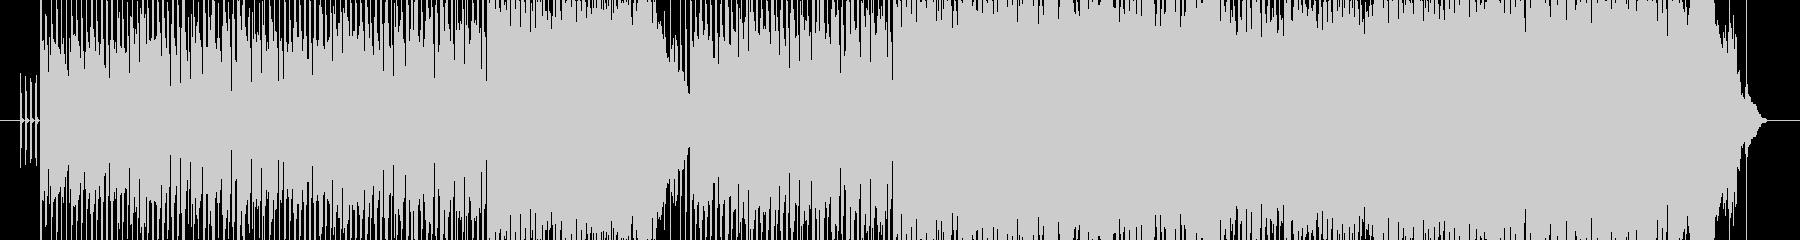 新時代。サイケデリック。ベースソロ。の未再生の波形